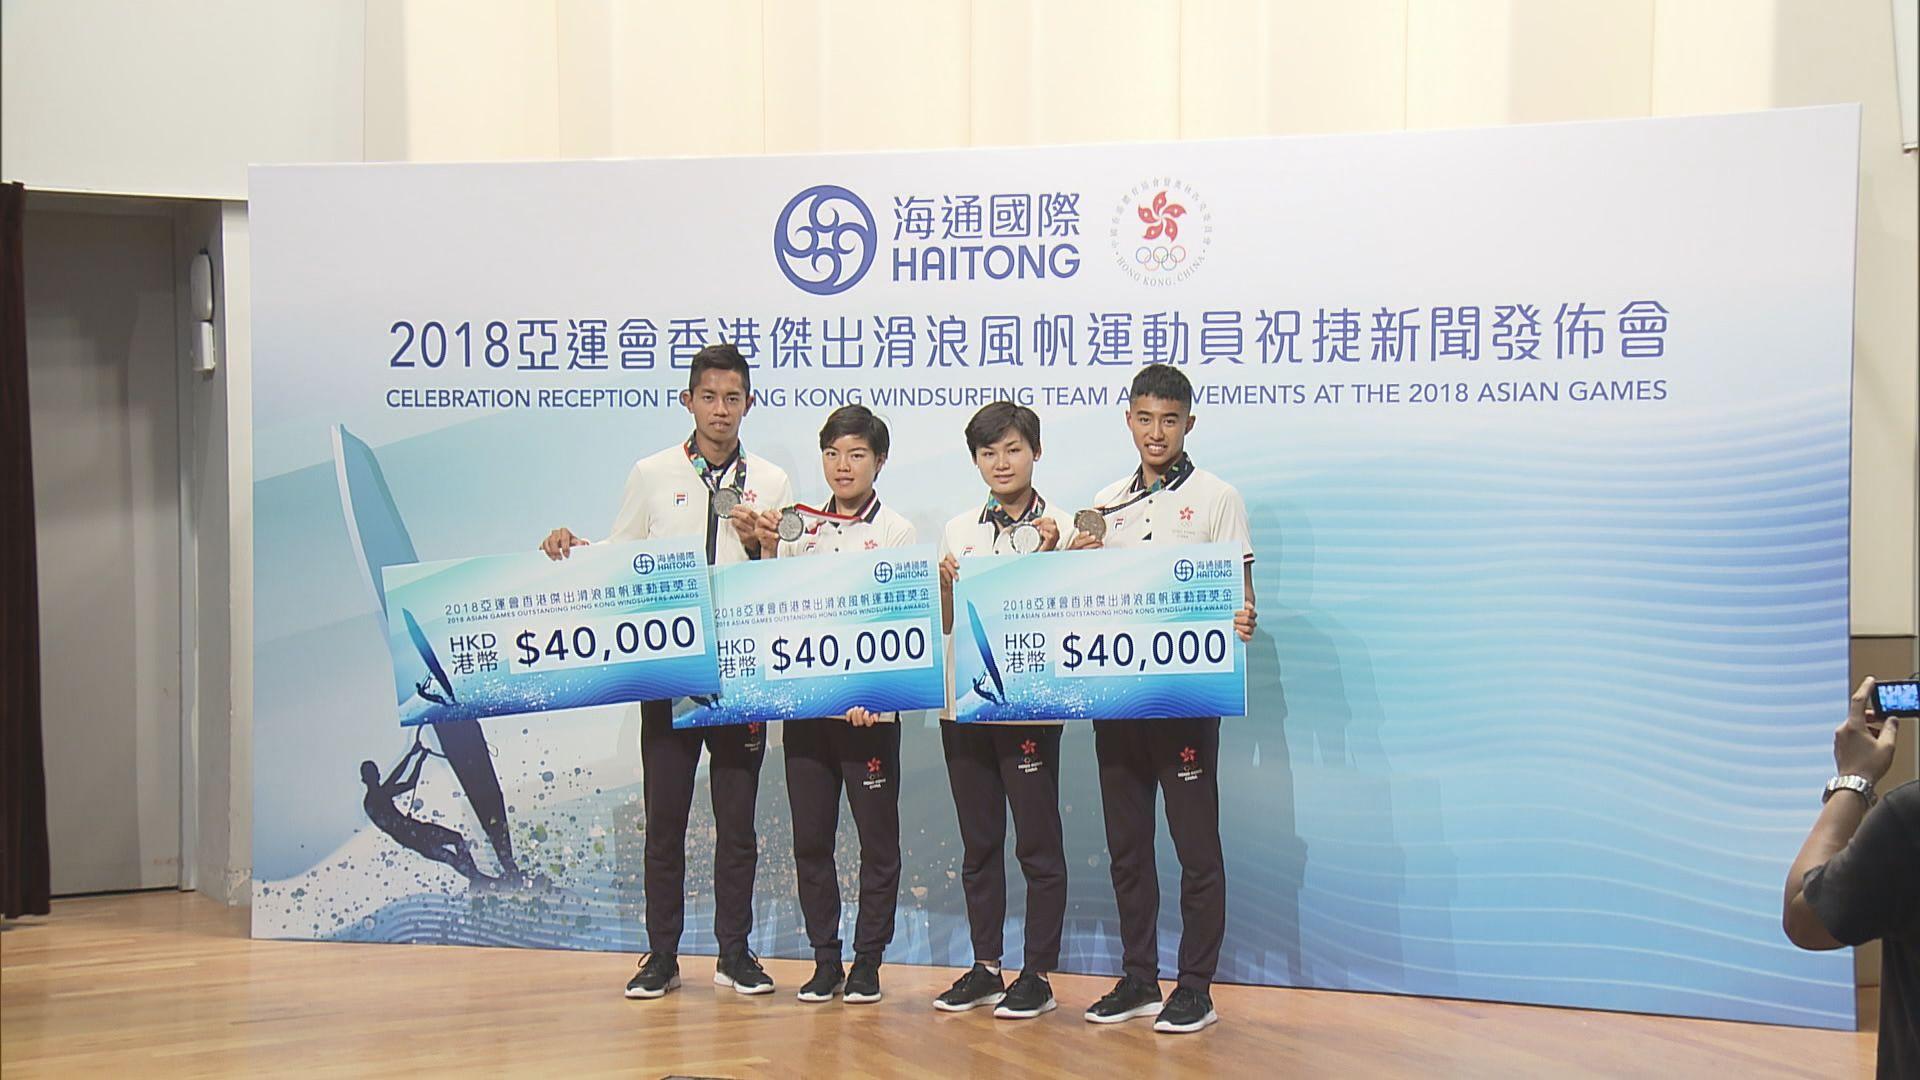 香港滑浪風帆隊亞運奪三銀舉行祝捷會